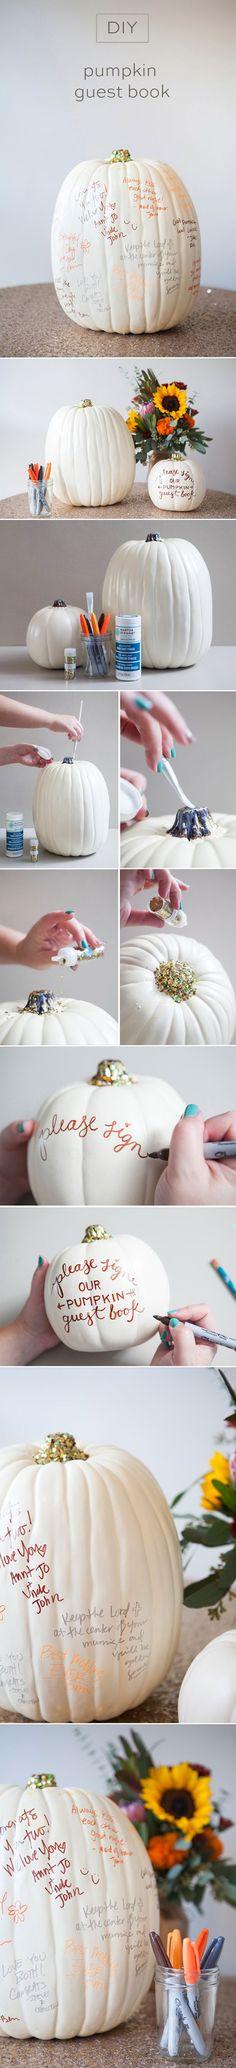 DIY wedding pumpkin guest book ideas for fall